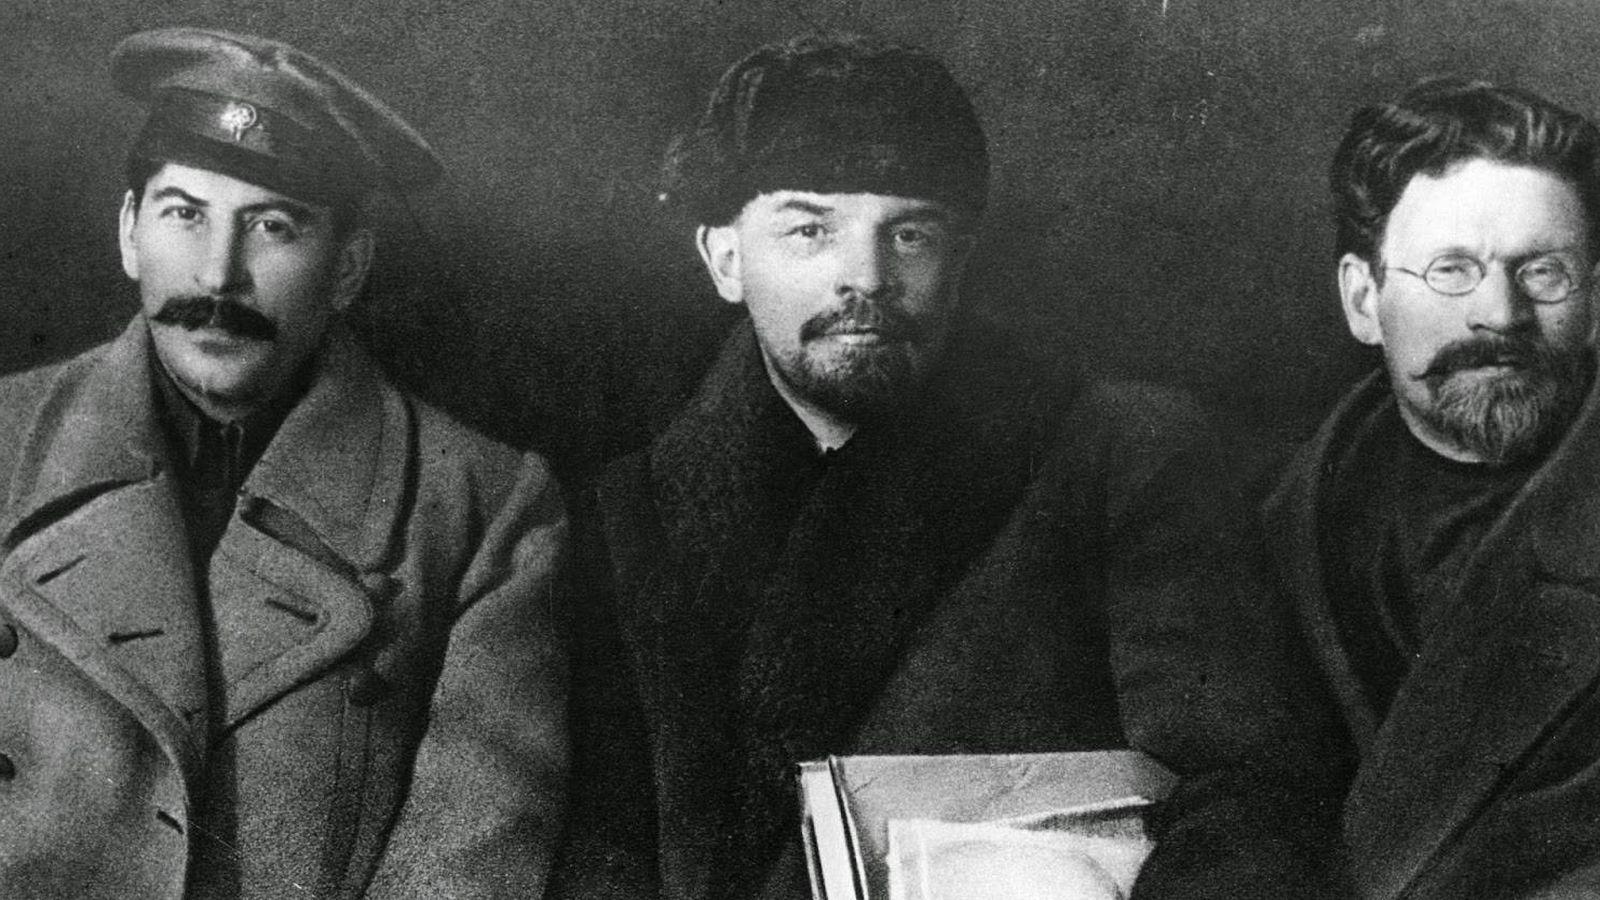 """Foto: """"¡Una para el Instagram!"""" Parece Trotski, pero no lo es: se trata de Kalinin, de sorprendente parecido con el """"desaparecido""""."""